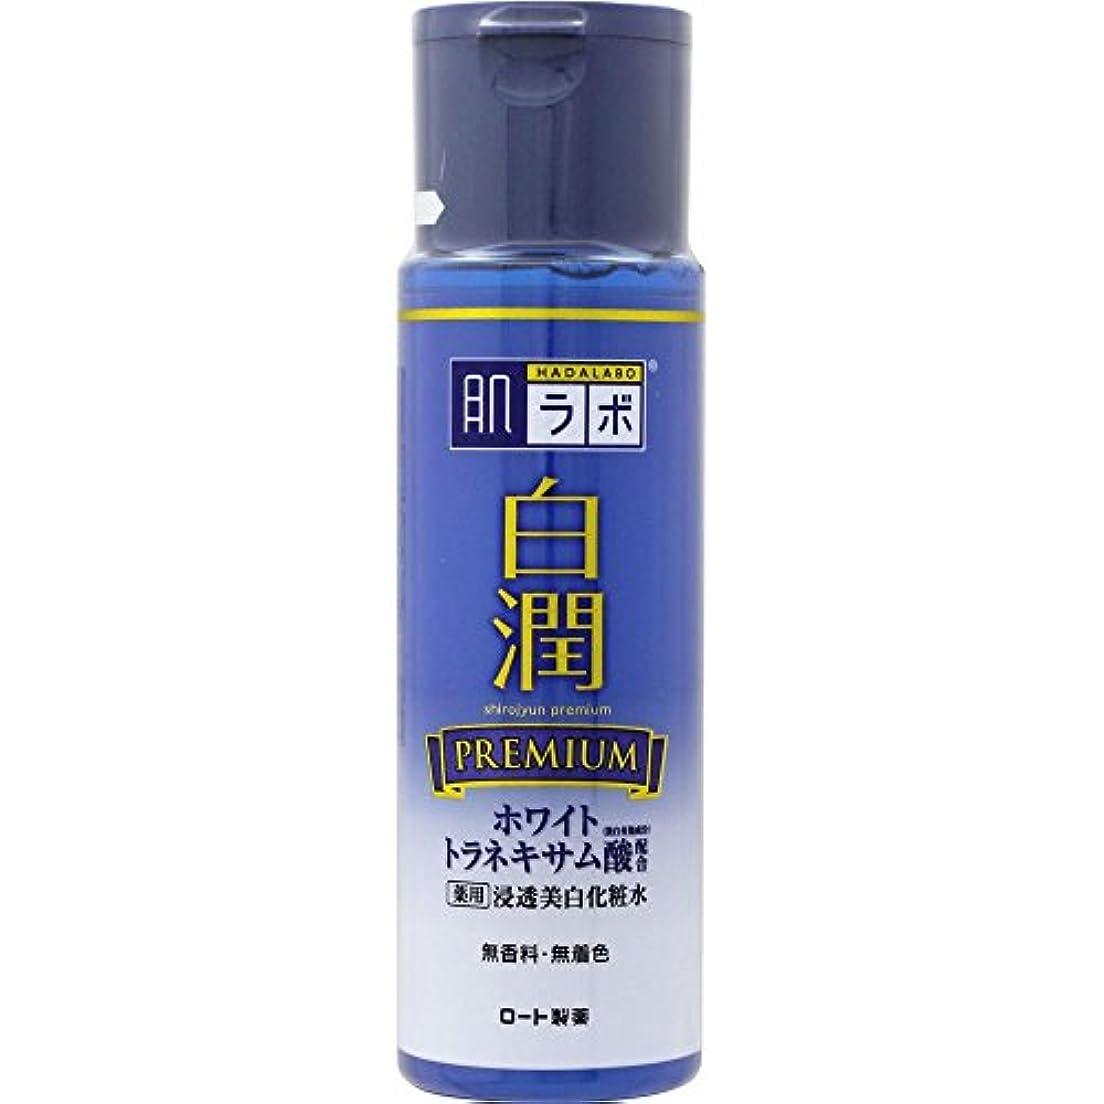 肌ラボ 白潤プレミアム 薬用浸透美白化粧水 170mL (医薬部外品)